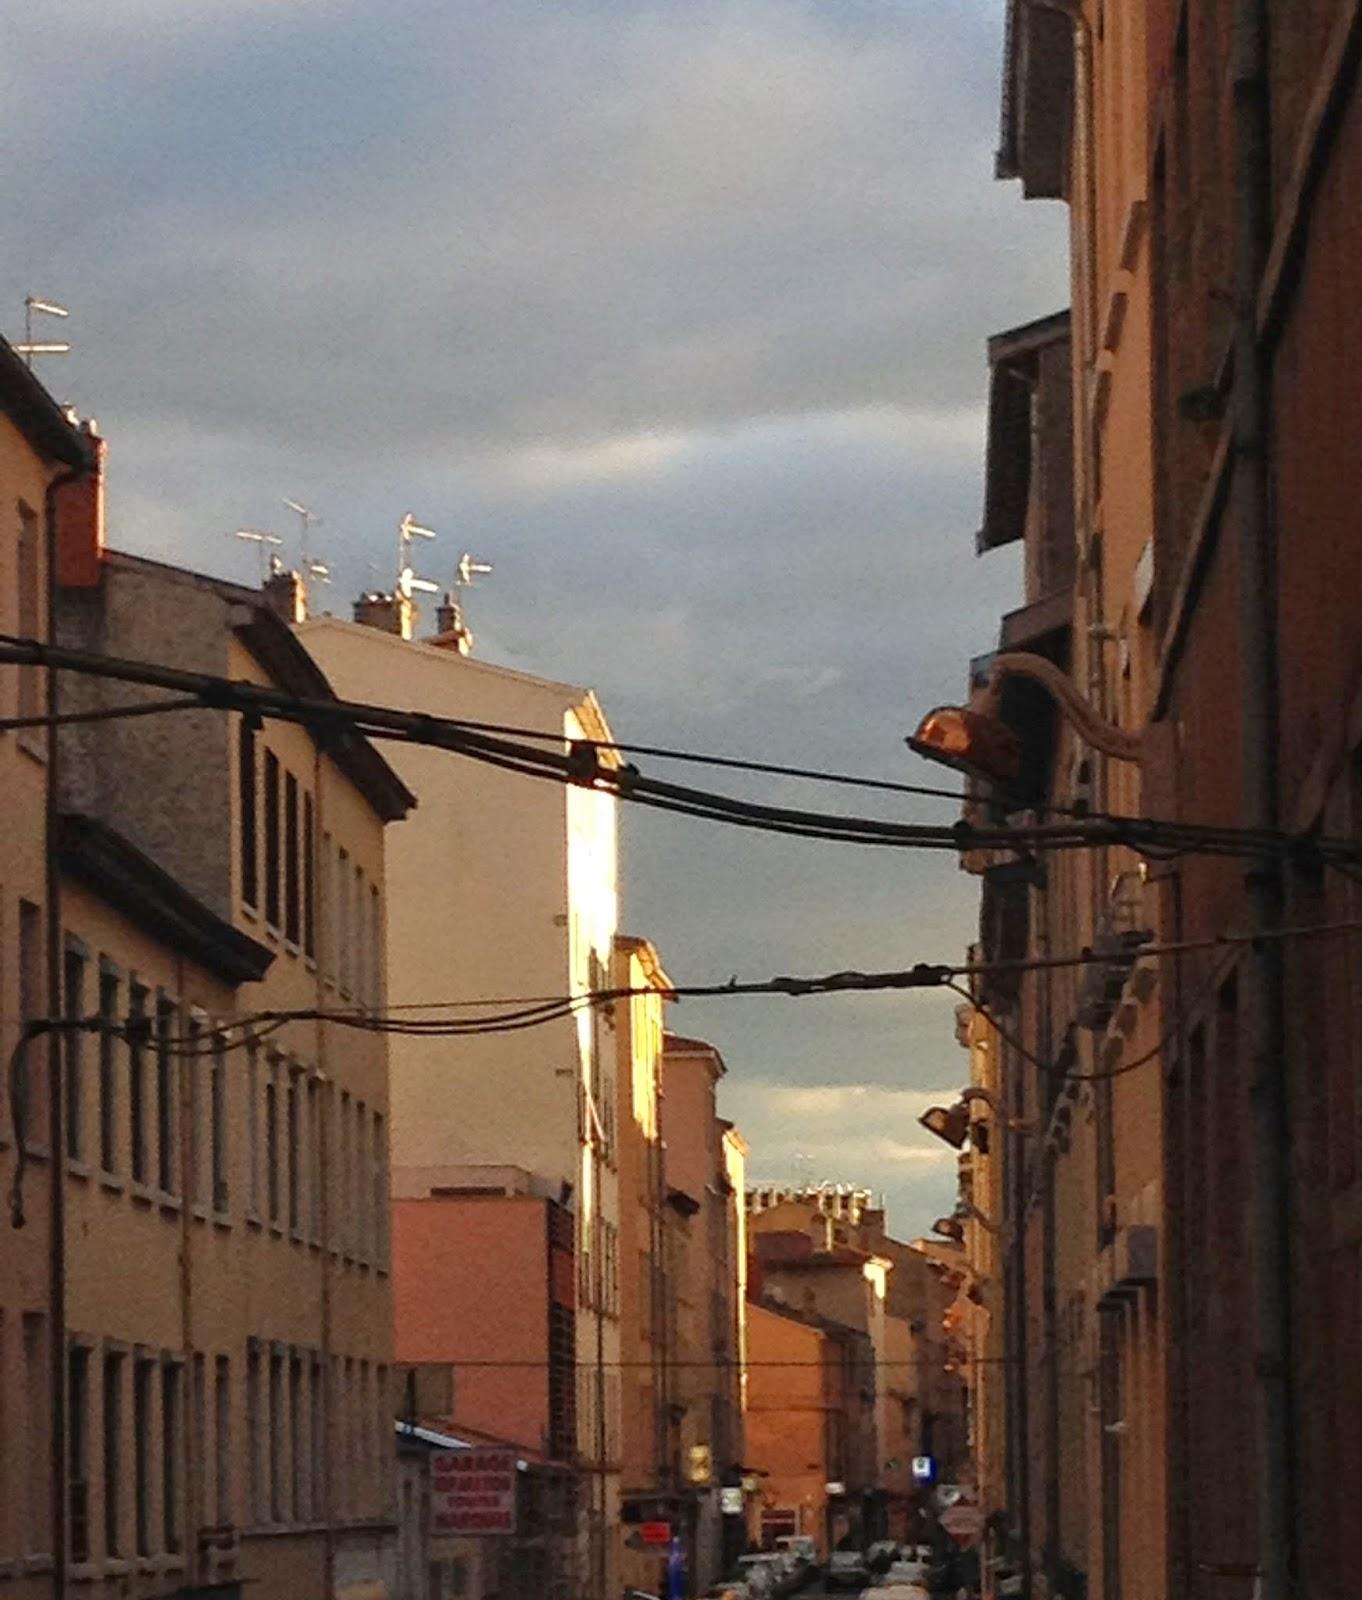 Rue du Mail, Ciel d'orage, Lyon, Croix Rousse Instagram